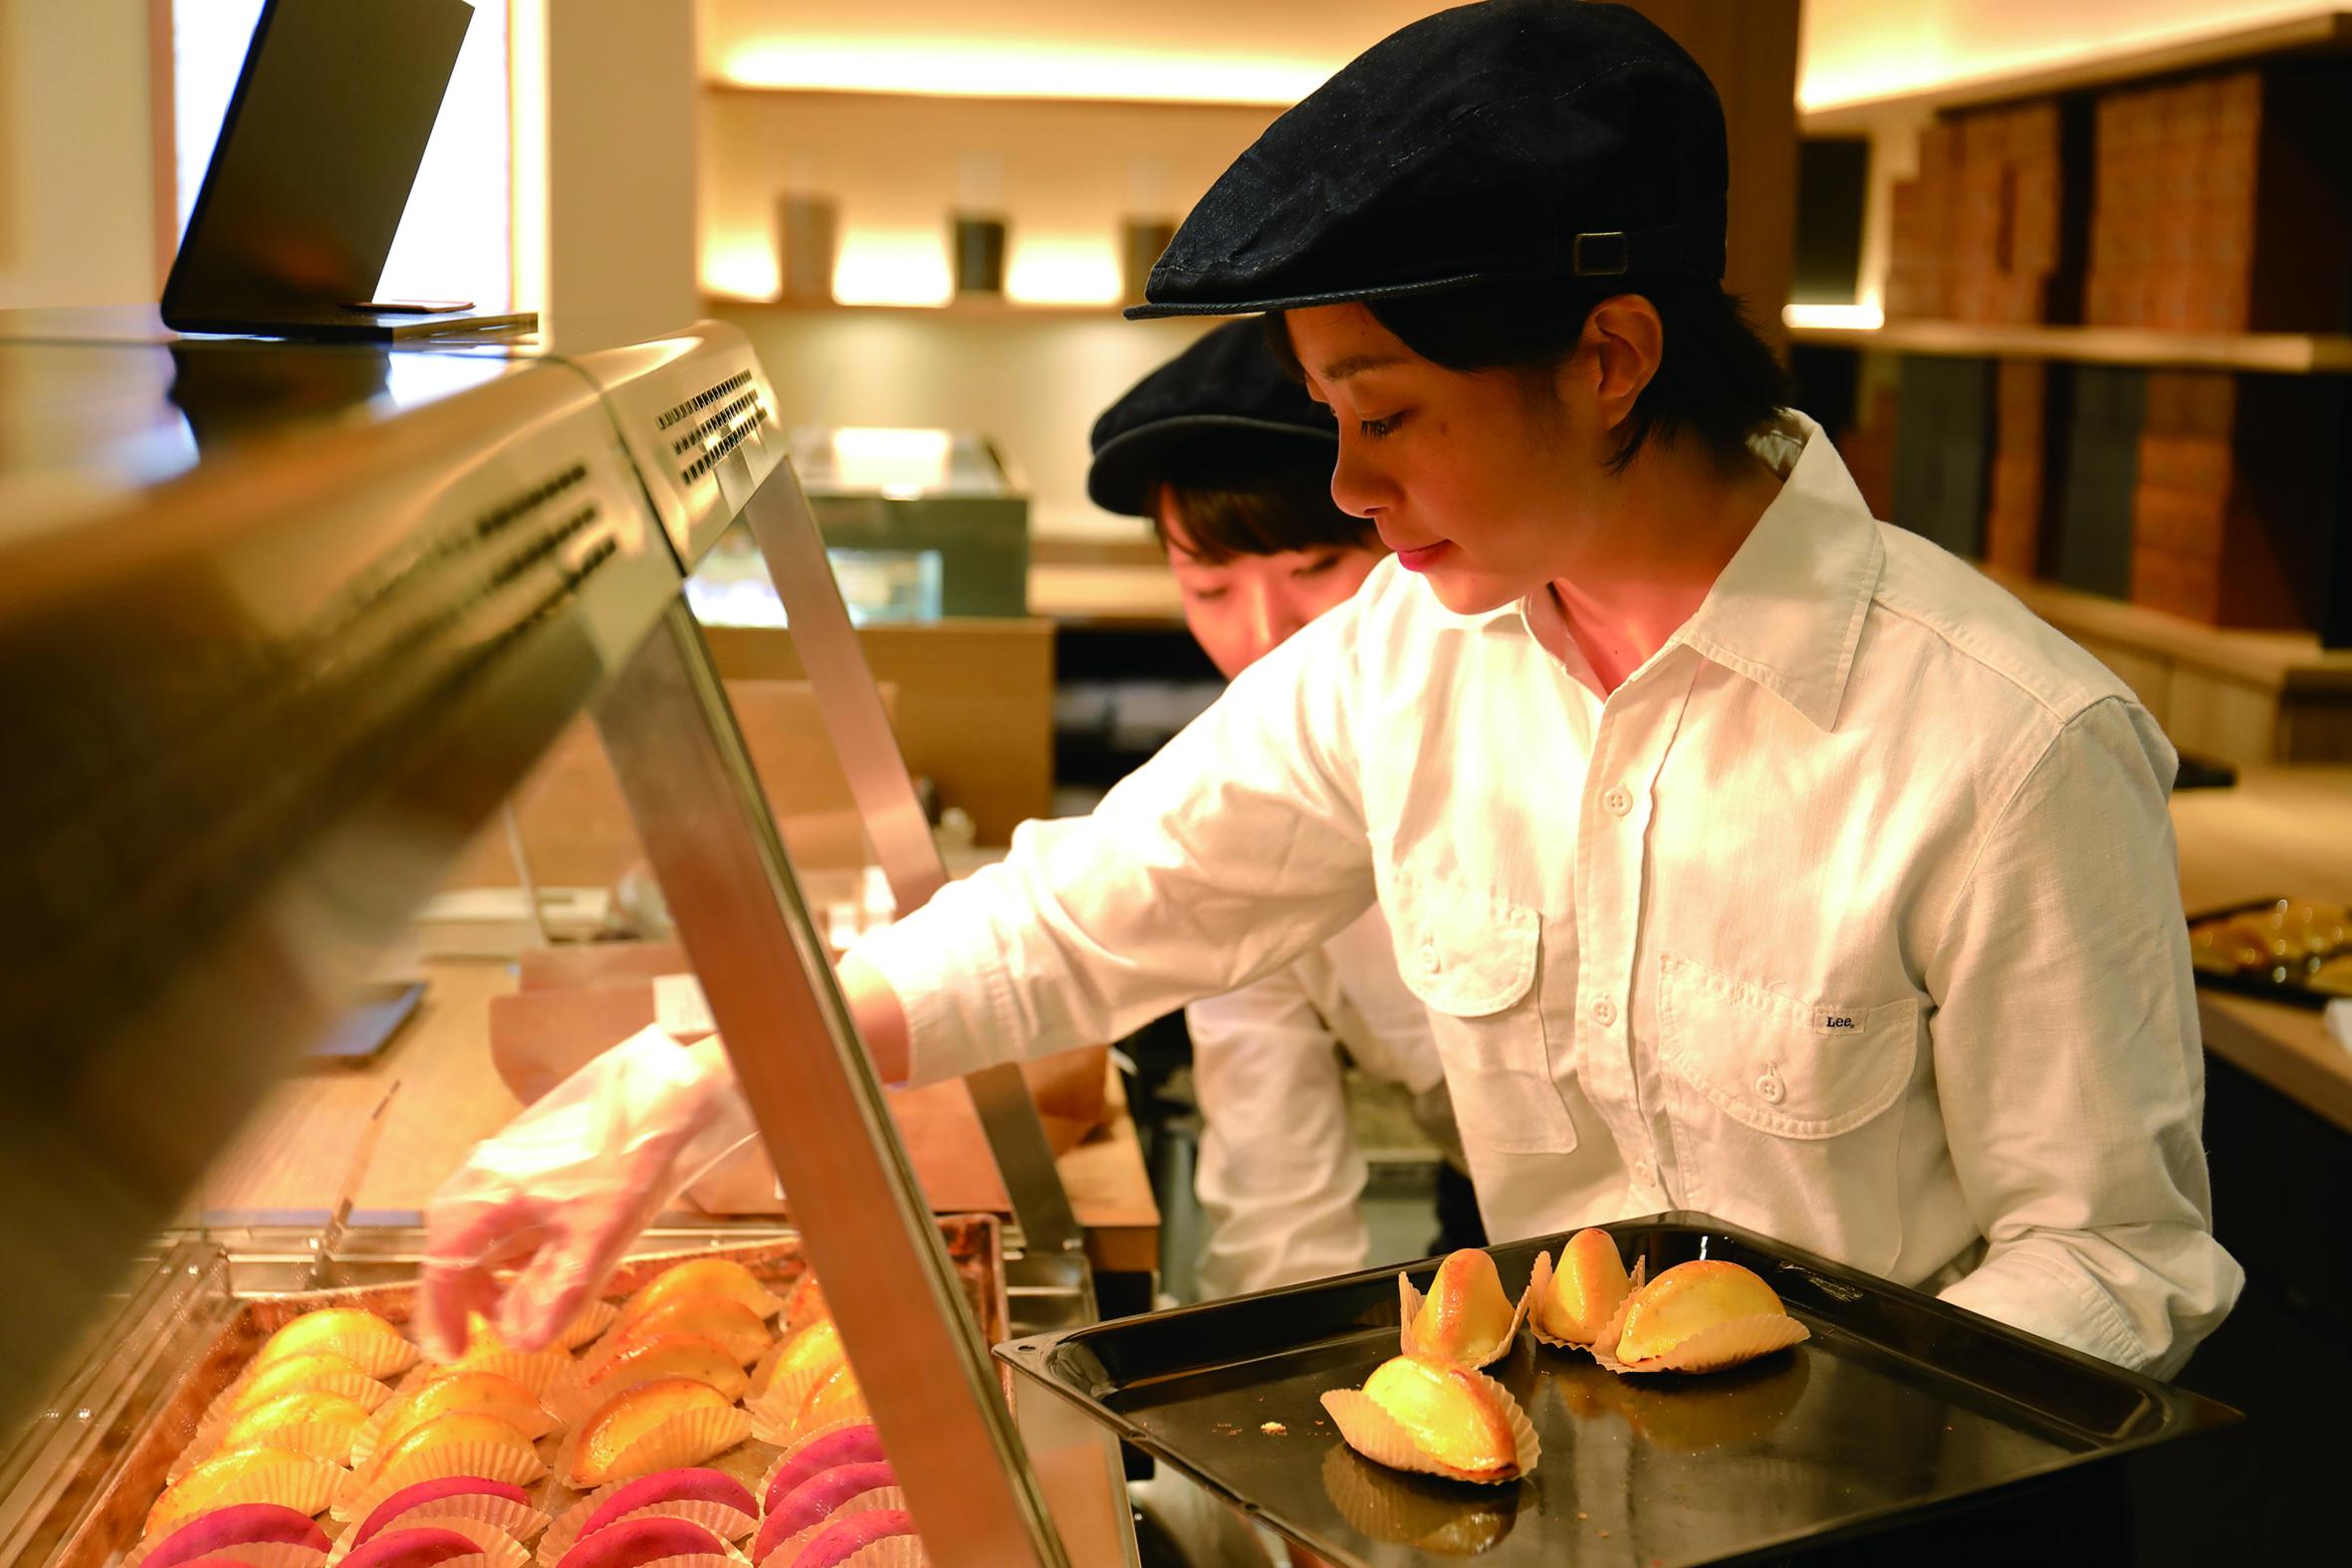 澁谷食品株式会社 芋屋金次郎 卸団地店の求人画像